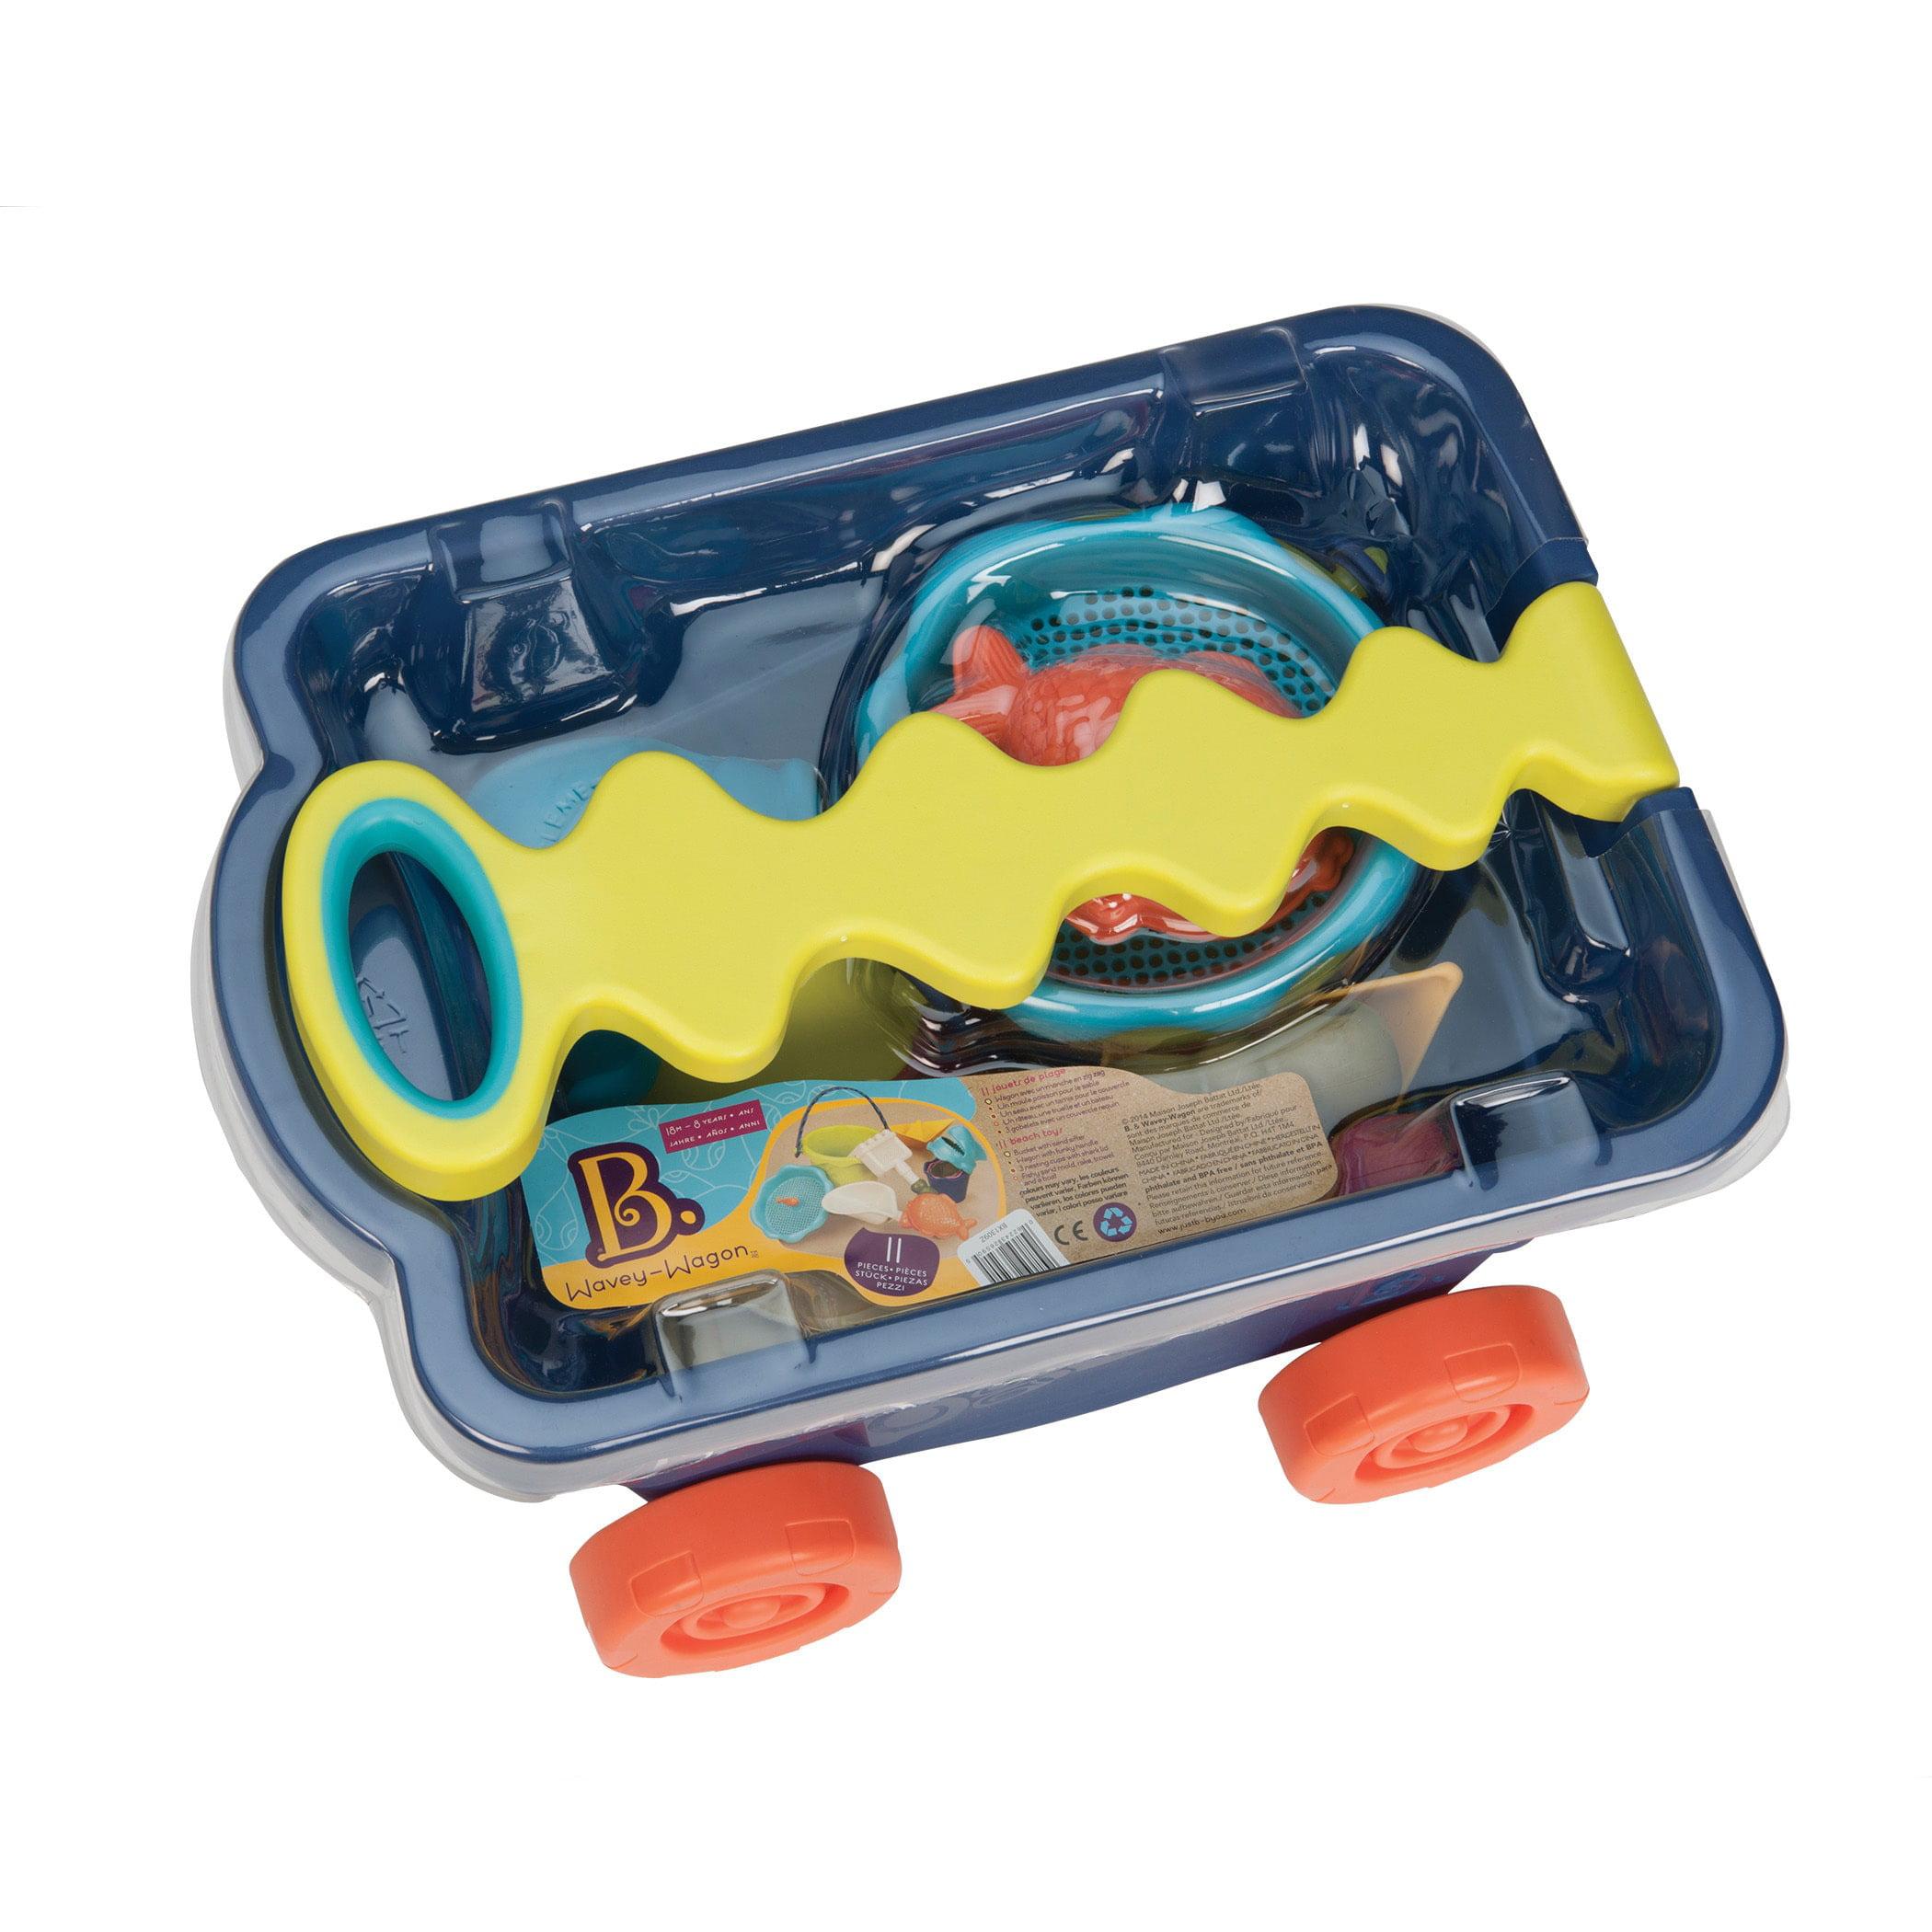 Toysmith B. Toys B. Wavy Wagon Beach Toy by Overstock